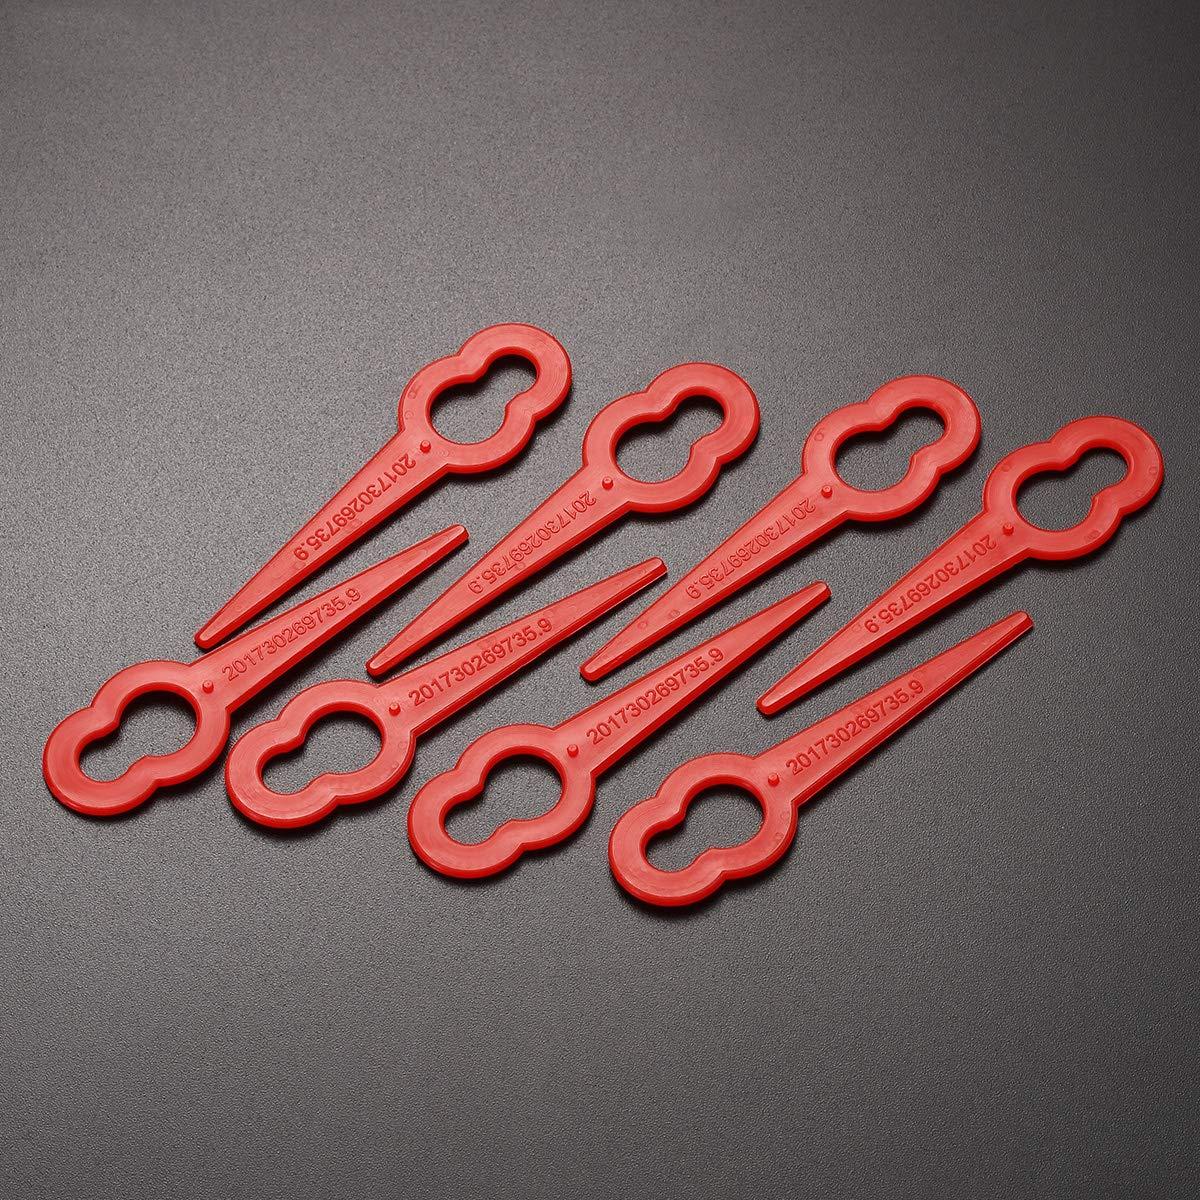 OUNONA - Cuchillas de plástico para cortacésped (50 unidades ...